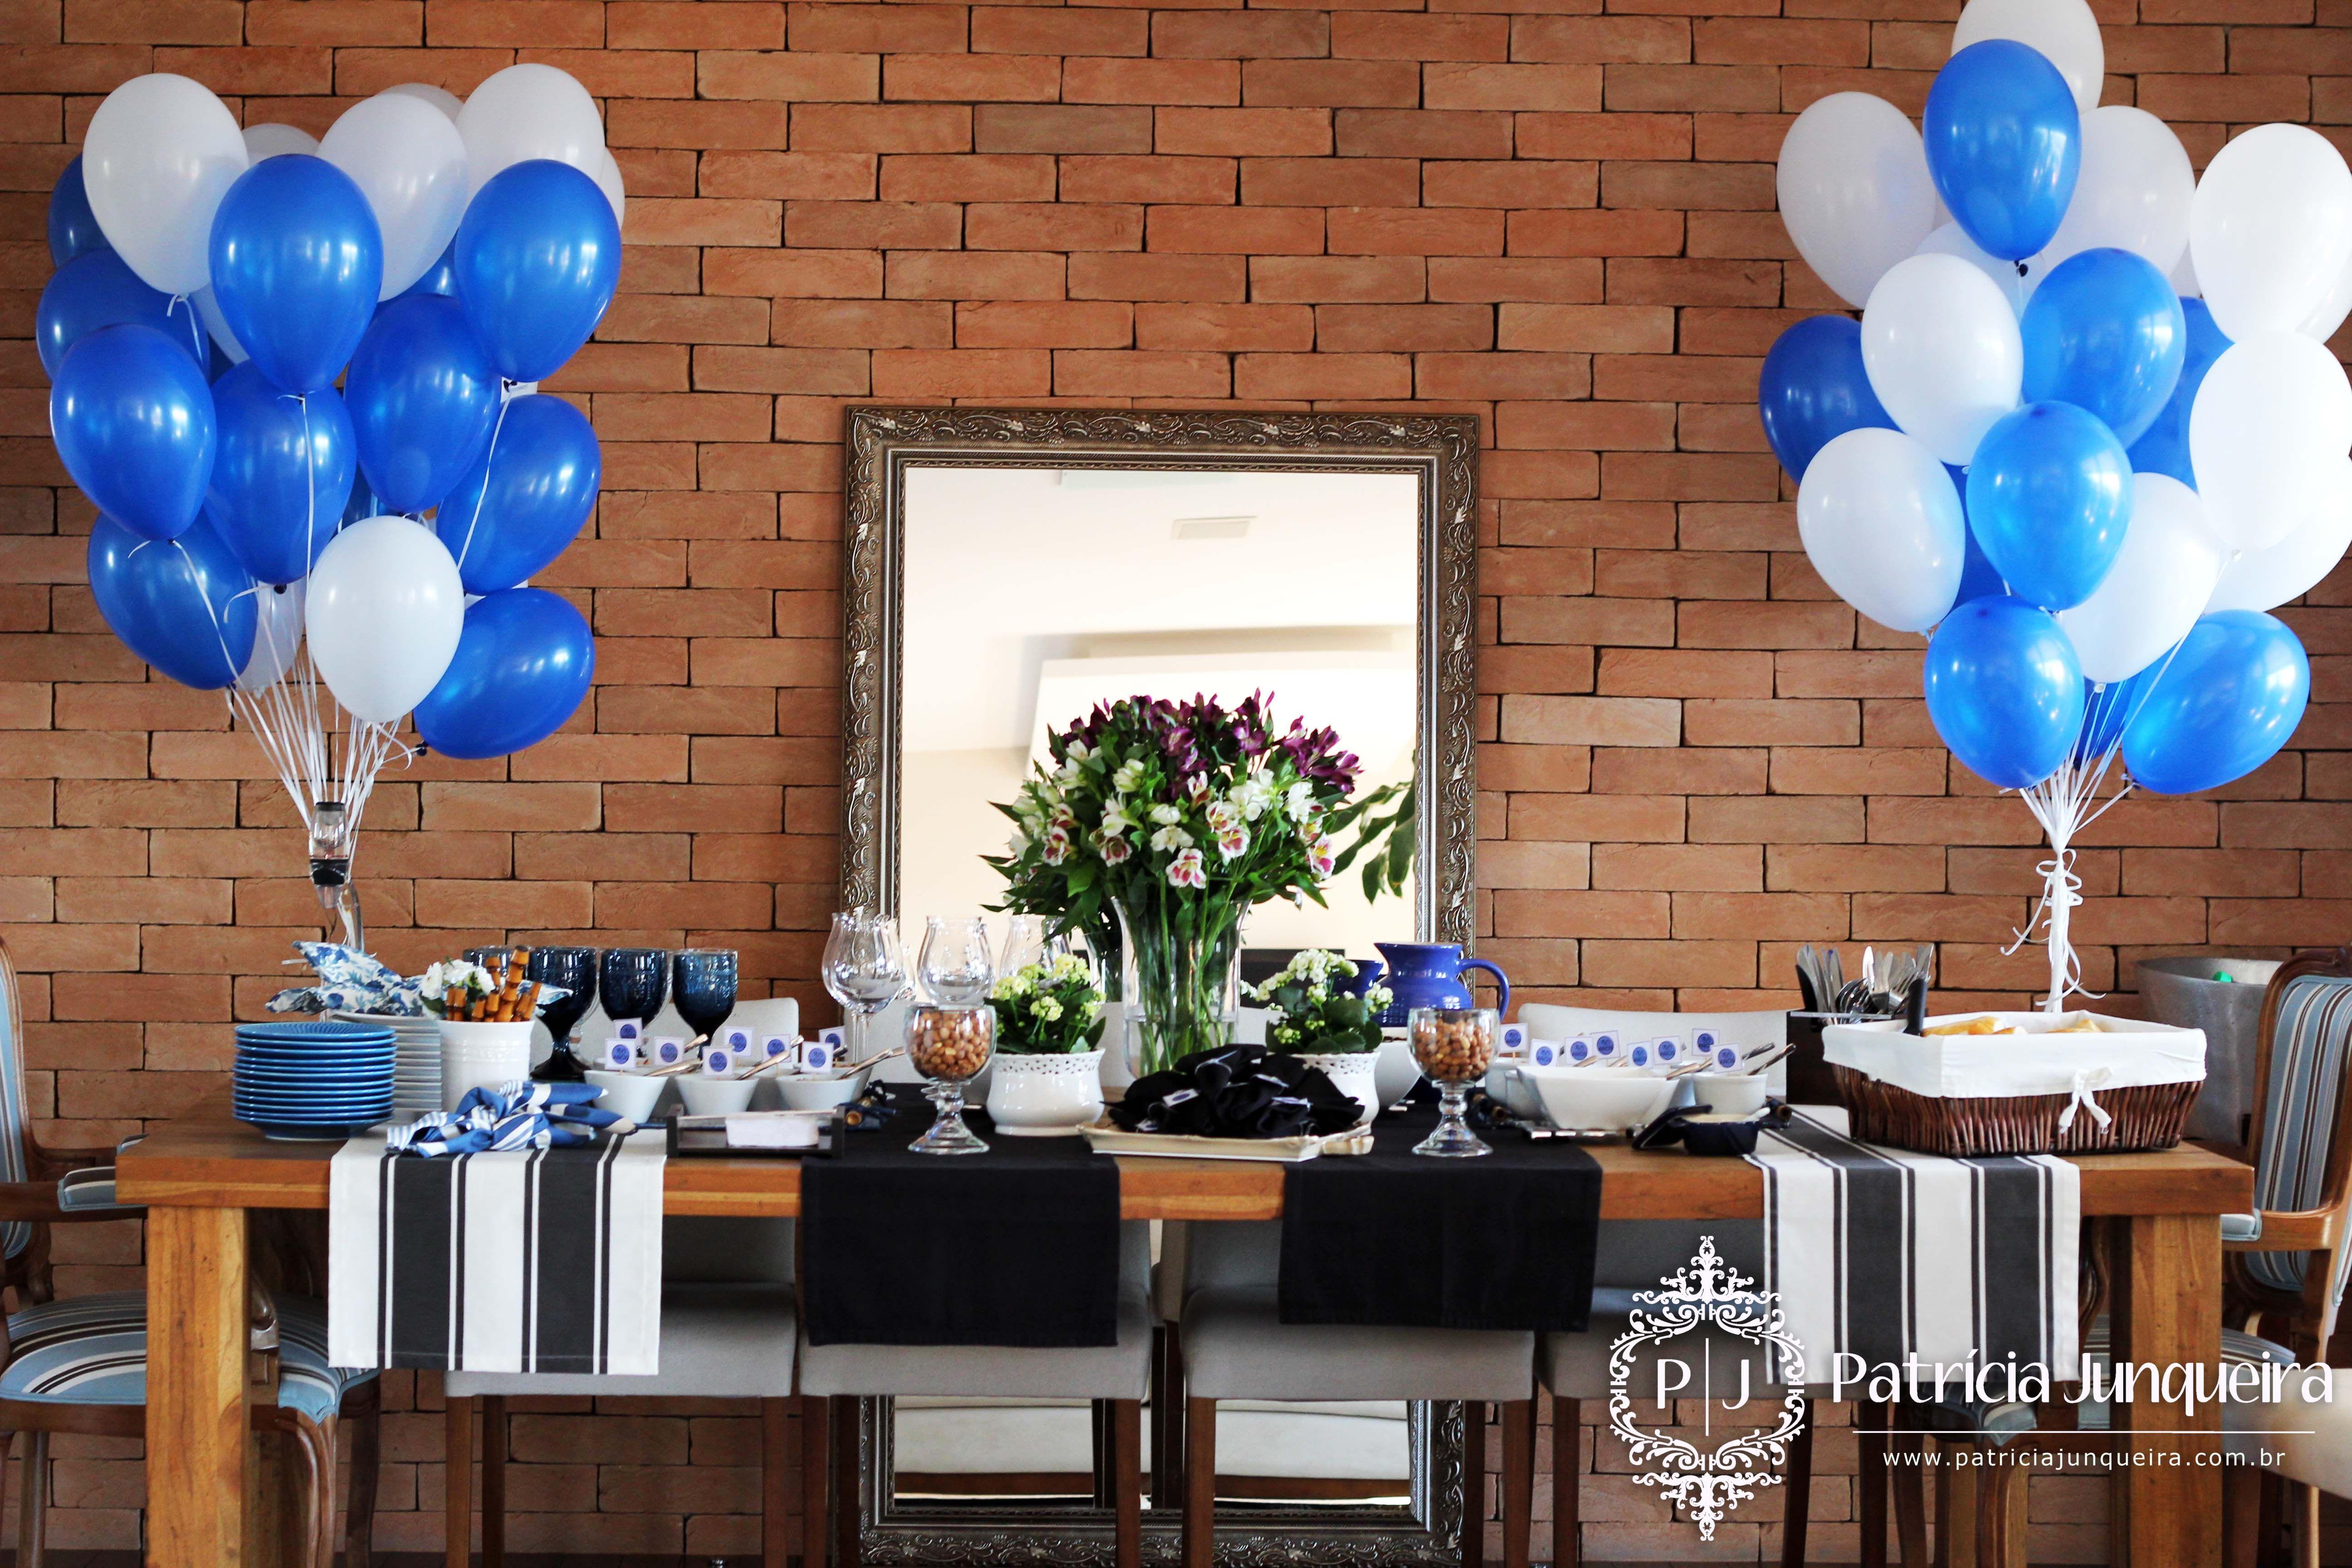 Festa 40 anos Birthday Party Decoracao festa masculina, Festa masculina e Decoraç u00e3o  -> Decoração De Mesa De Aniversario Para Homens